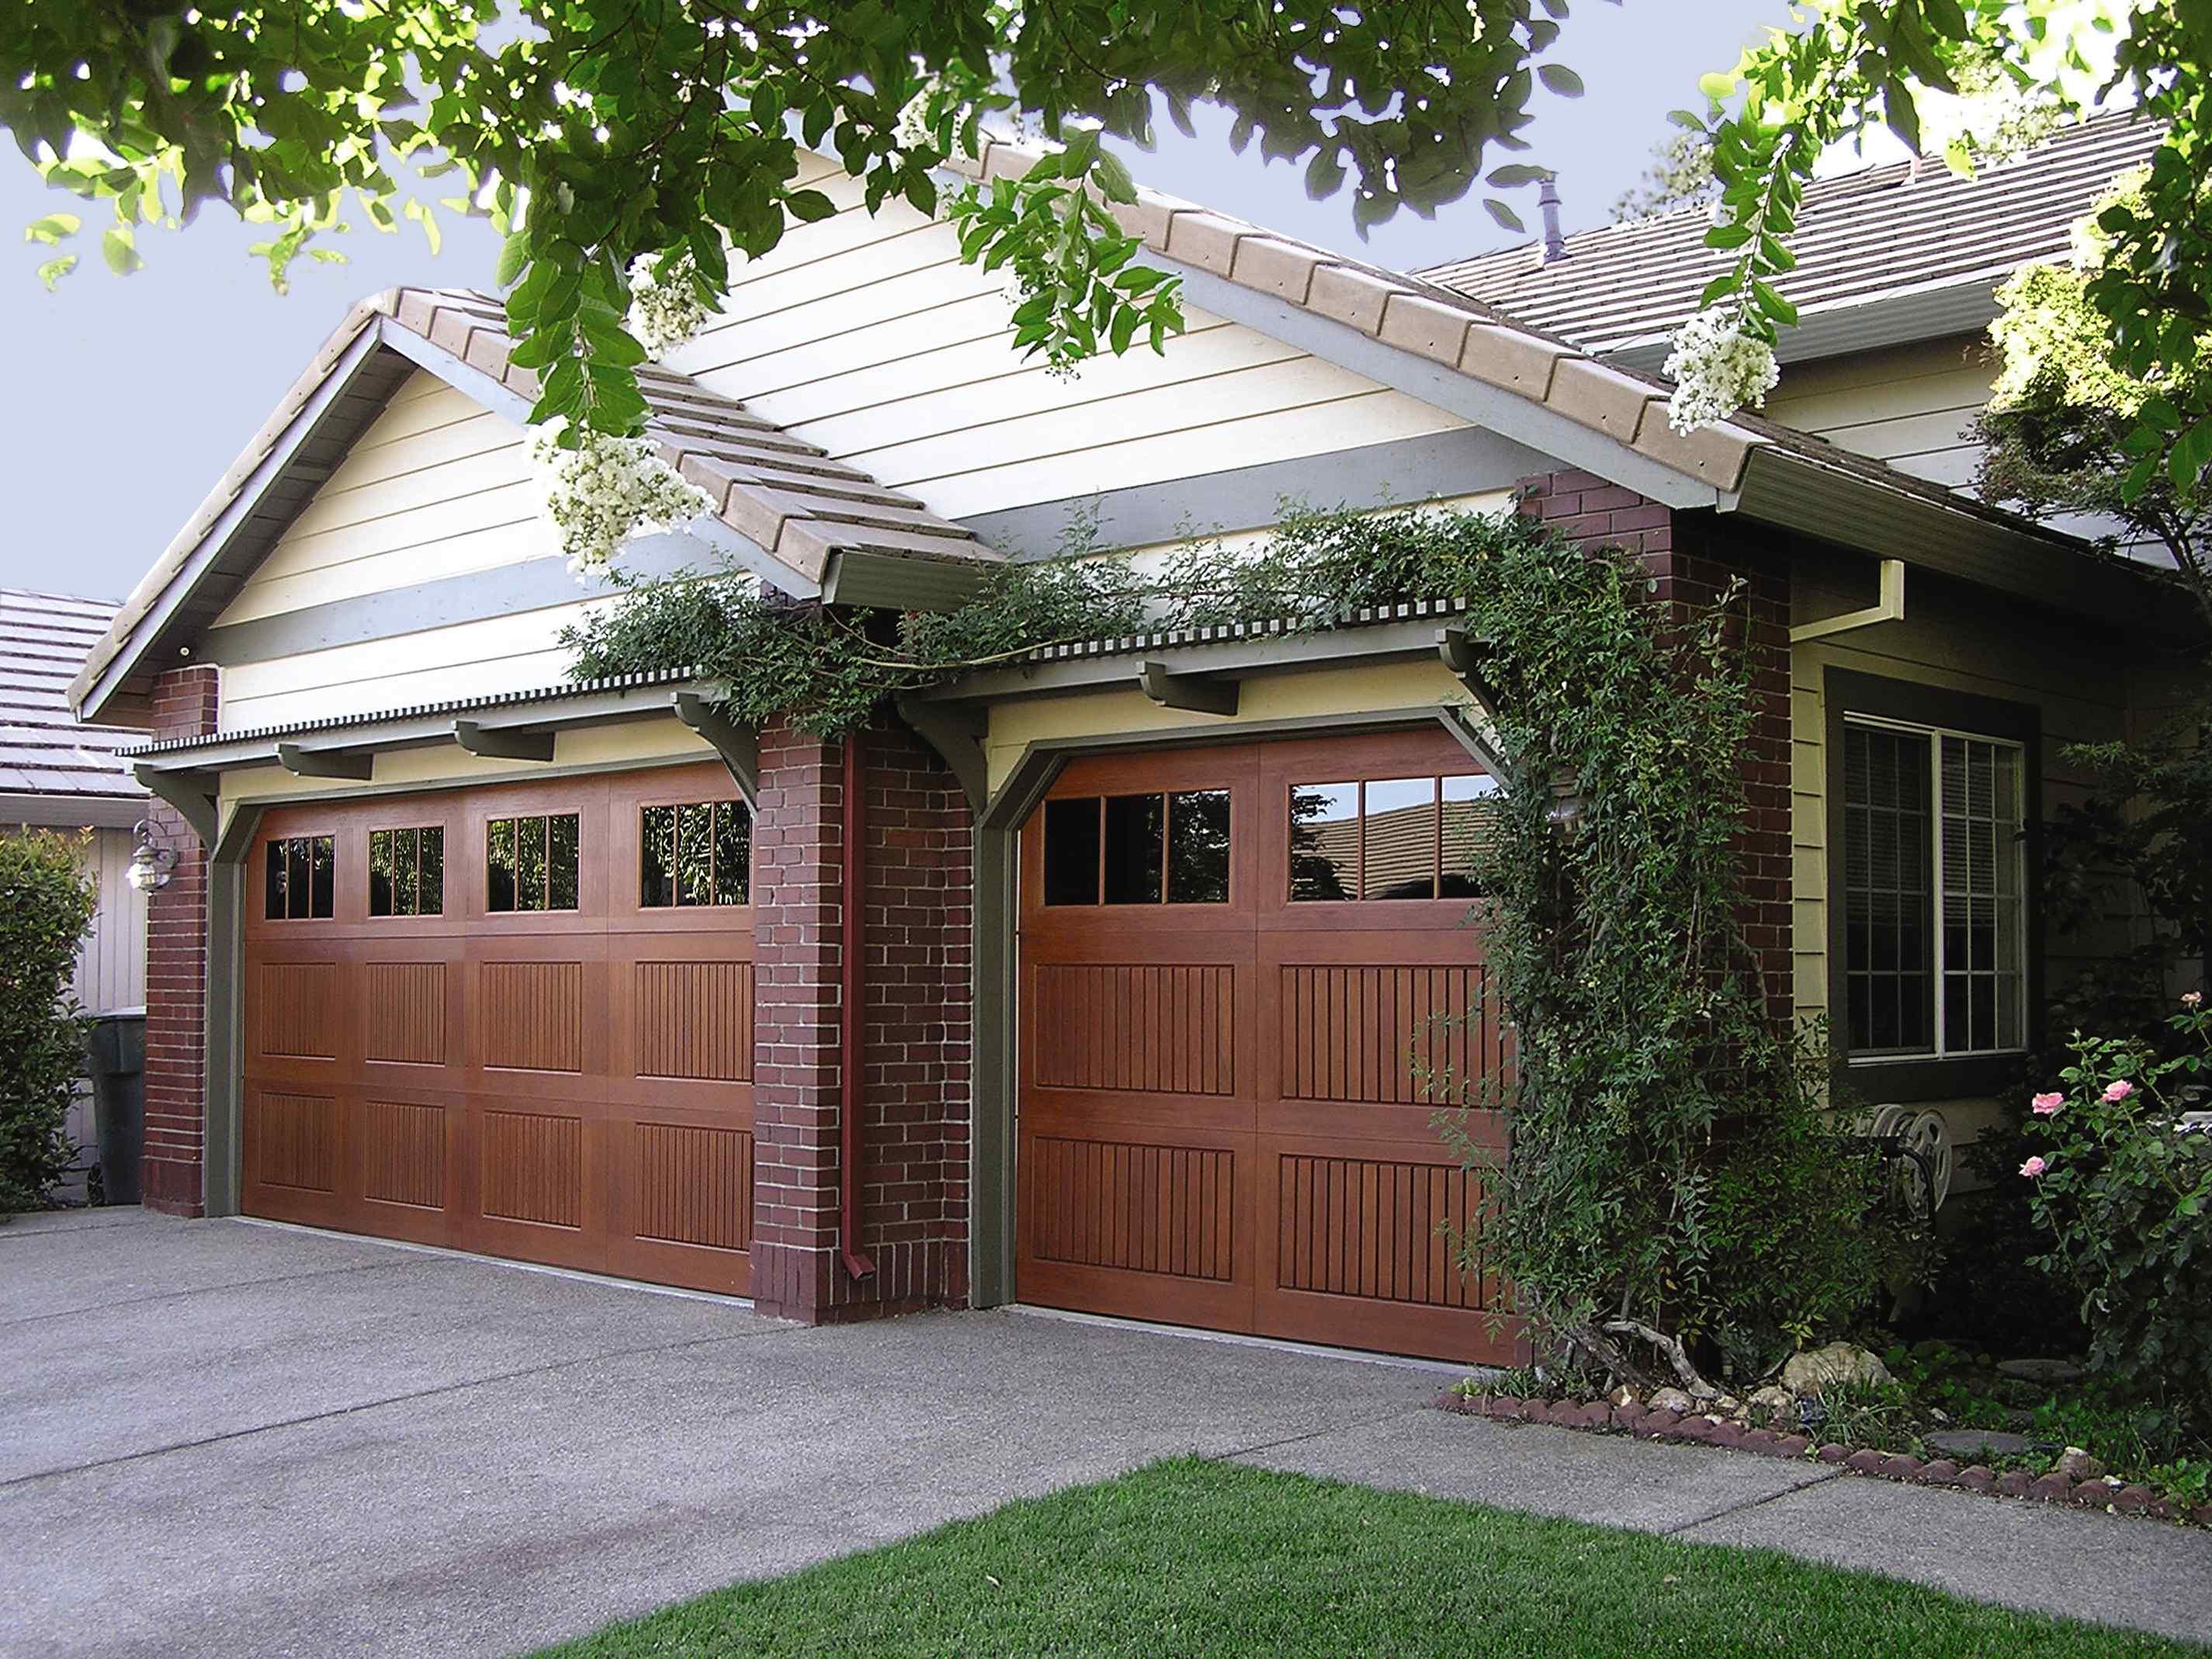 Impression Collection fiberglass garage doors - residential & Cincinnati Garage Door Sales Installation and Replacement